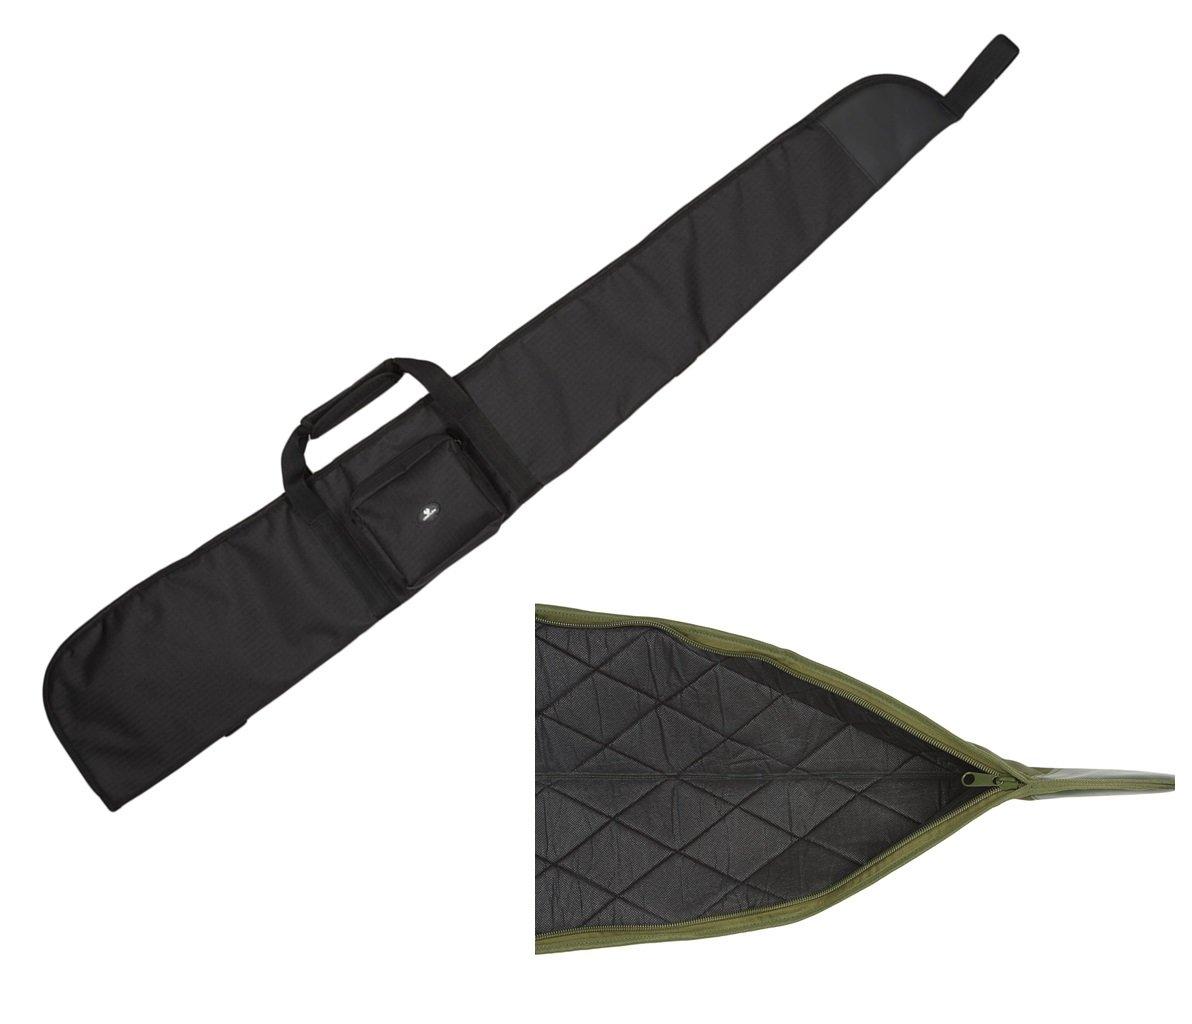 Case4Life Negro Acolchado Protector Rifle de aire Caso / Escopeta / Bolsa de caza + Desmontable acolchado Bandolera - Garantía de por vida 12-AIR